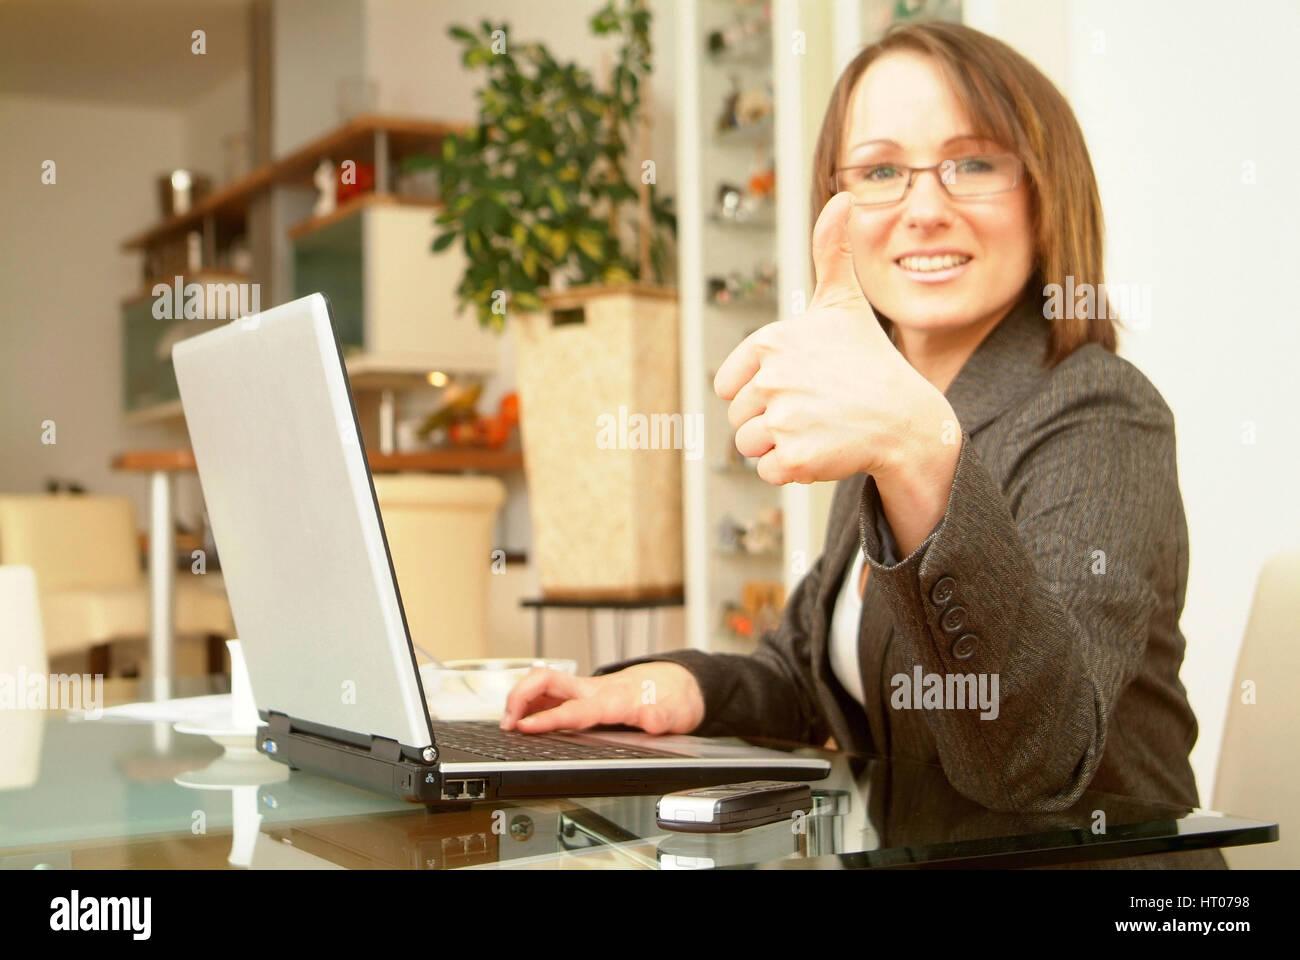 Erfolgreiche Geschaeftsfrau arbeitet von Zuhause am Notebook - Business woman homeworking on laptop Stock Photo